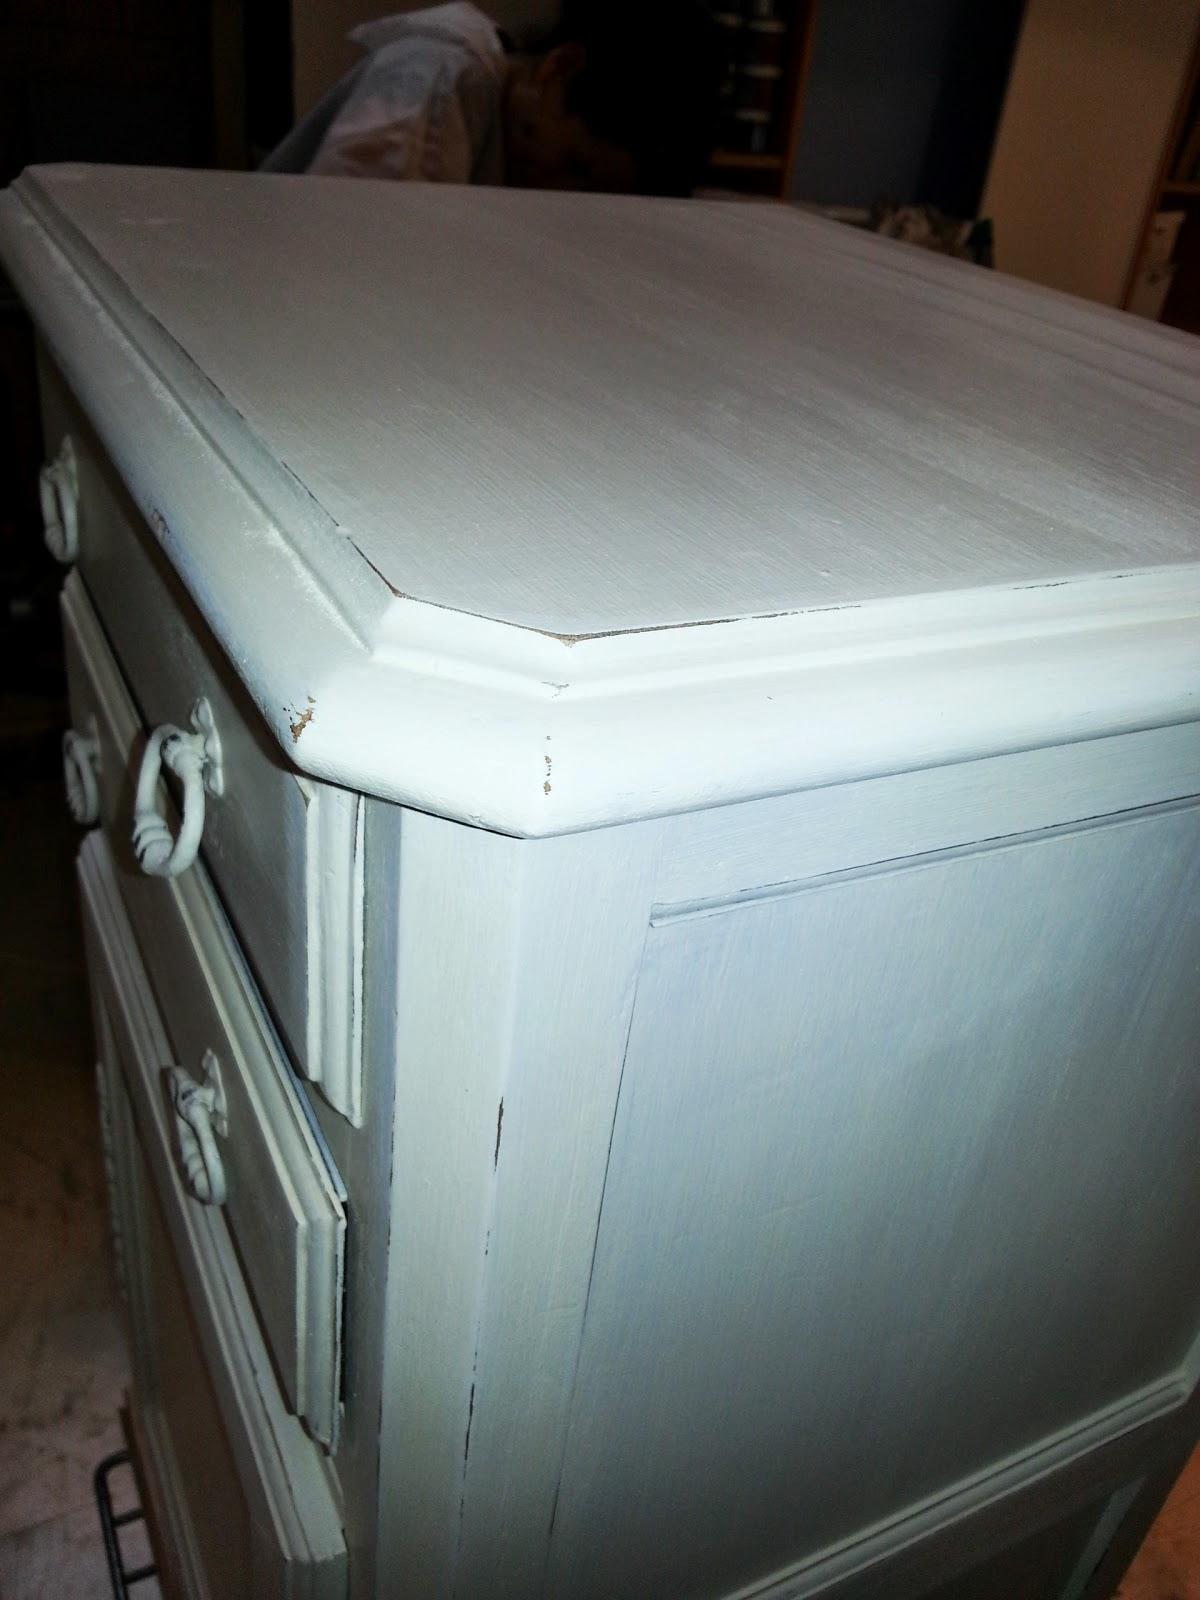 Peinture pour meuble vernis sans poncage good peinture pour meuble vernis sans poncage poncer - Peinture pour meuble sans poncage ...